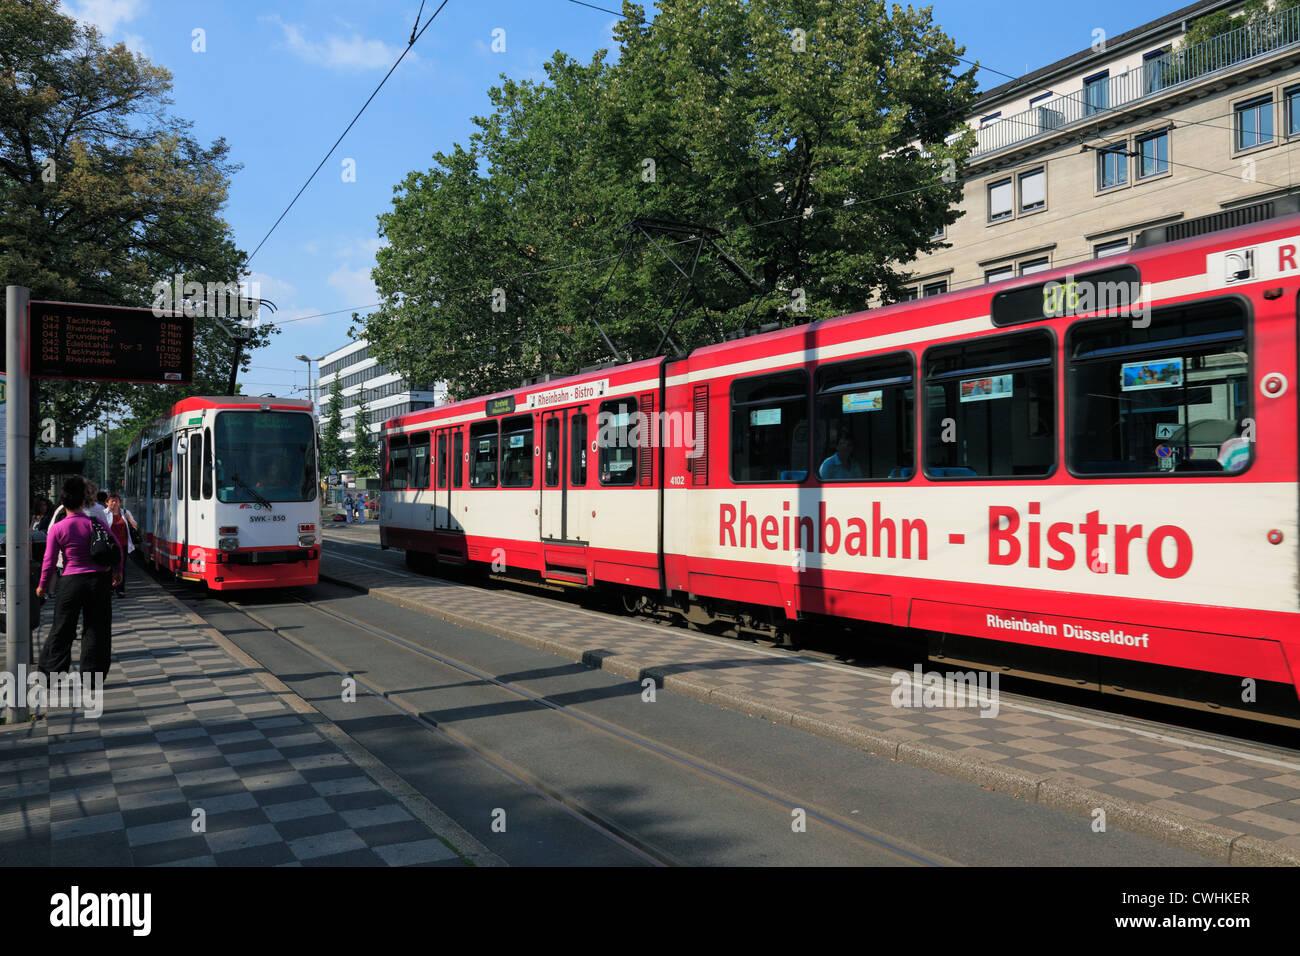 Strassenbahnen am Verkehrsknotenpunkt Ostwall Kreuzung Rheinstrasse in Krefeld, Niederrhein, Nordrhein-Westfalen - Stock Image